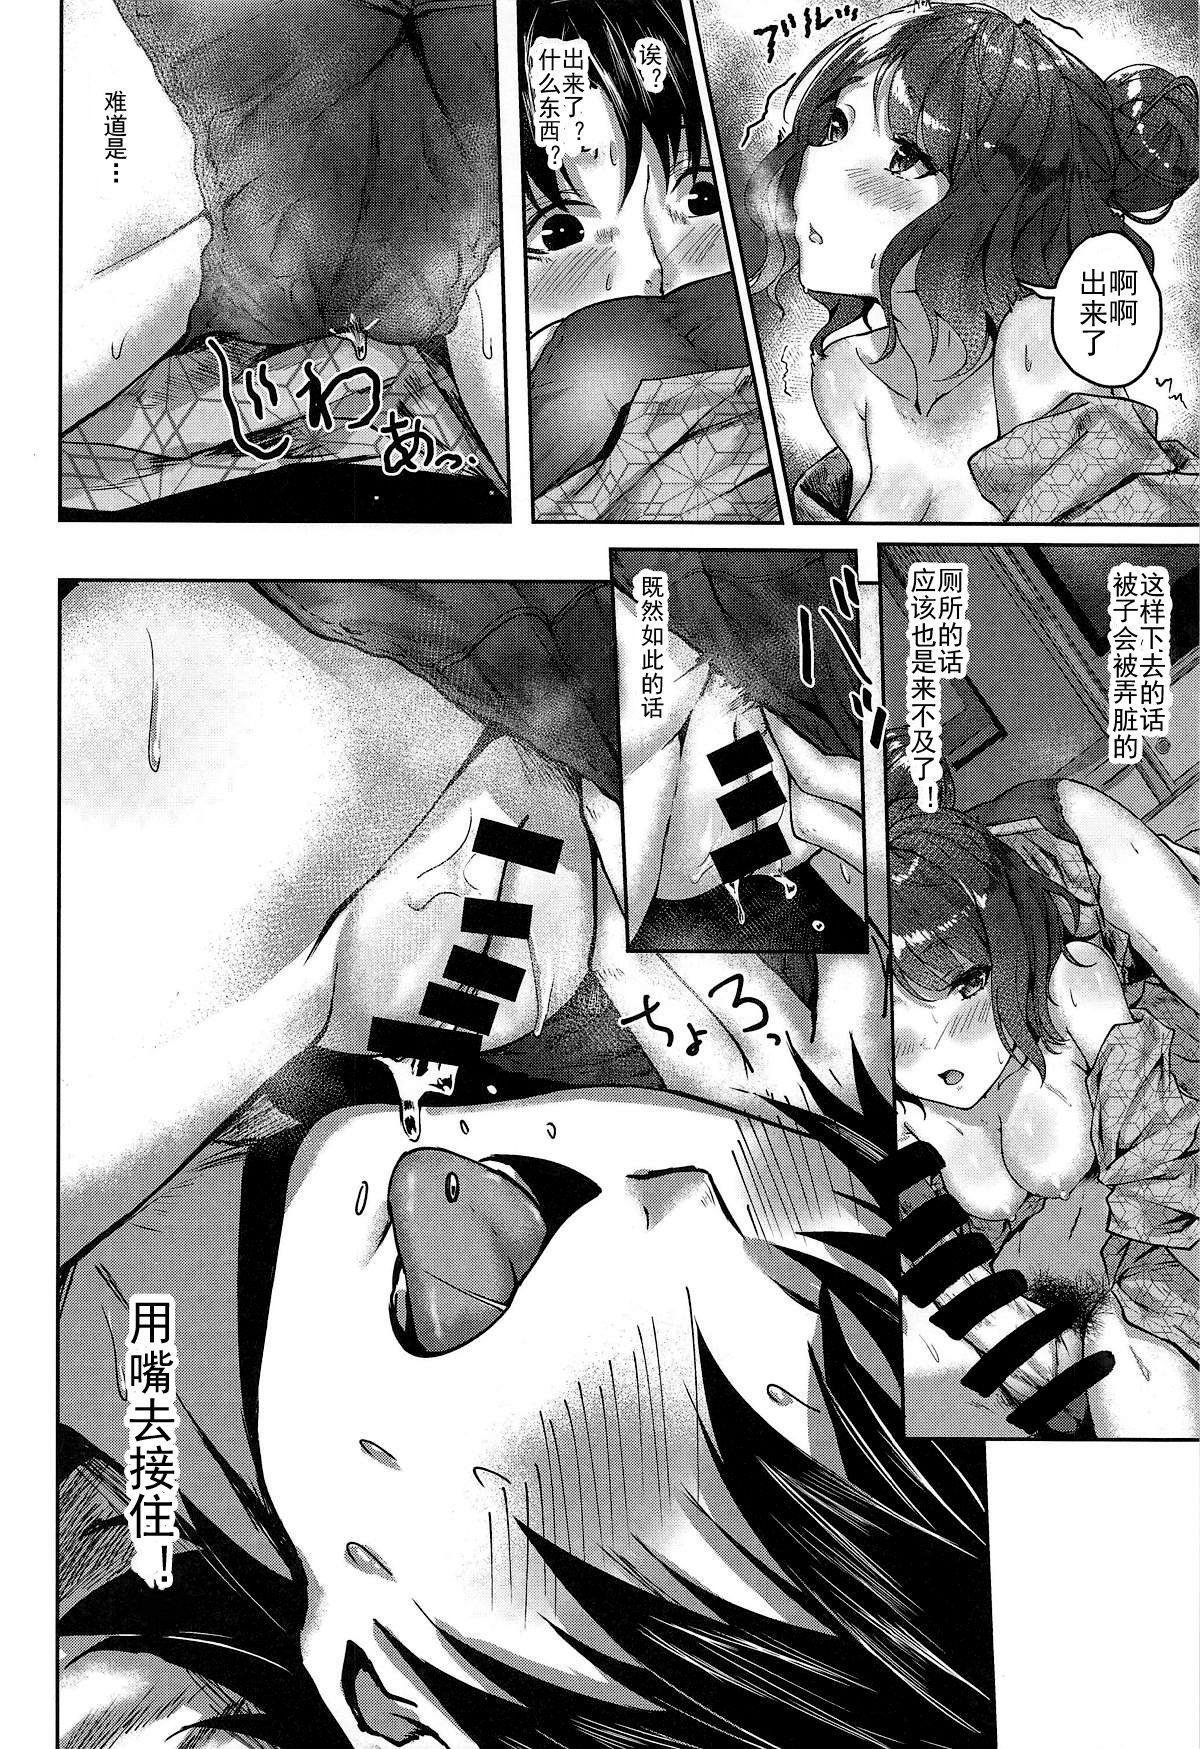 Jirashi Jouzu no Oei-san 20